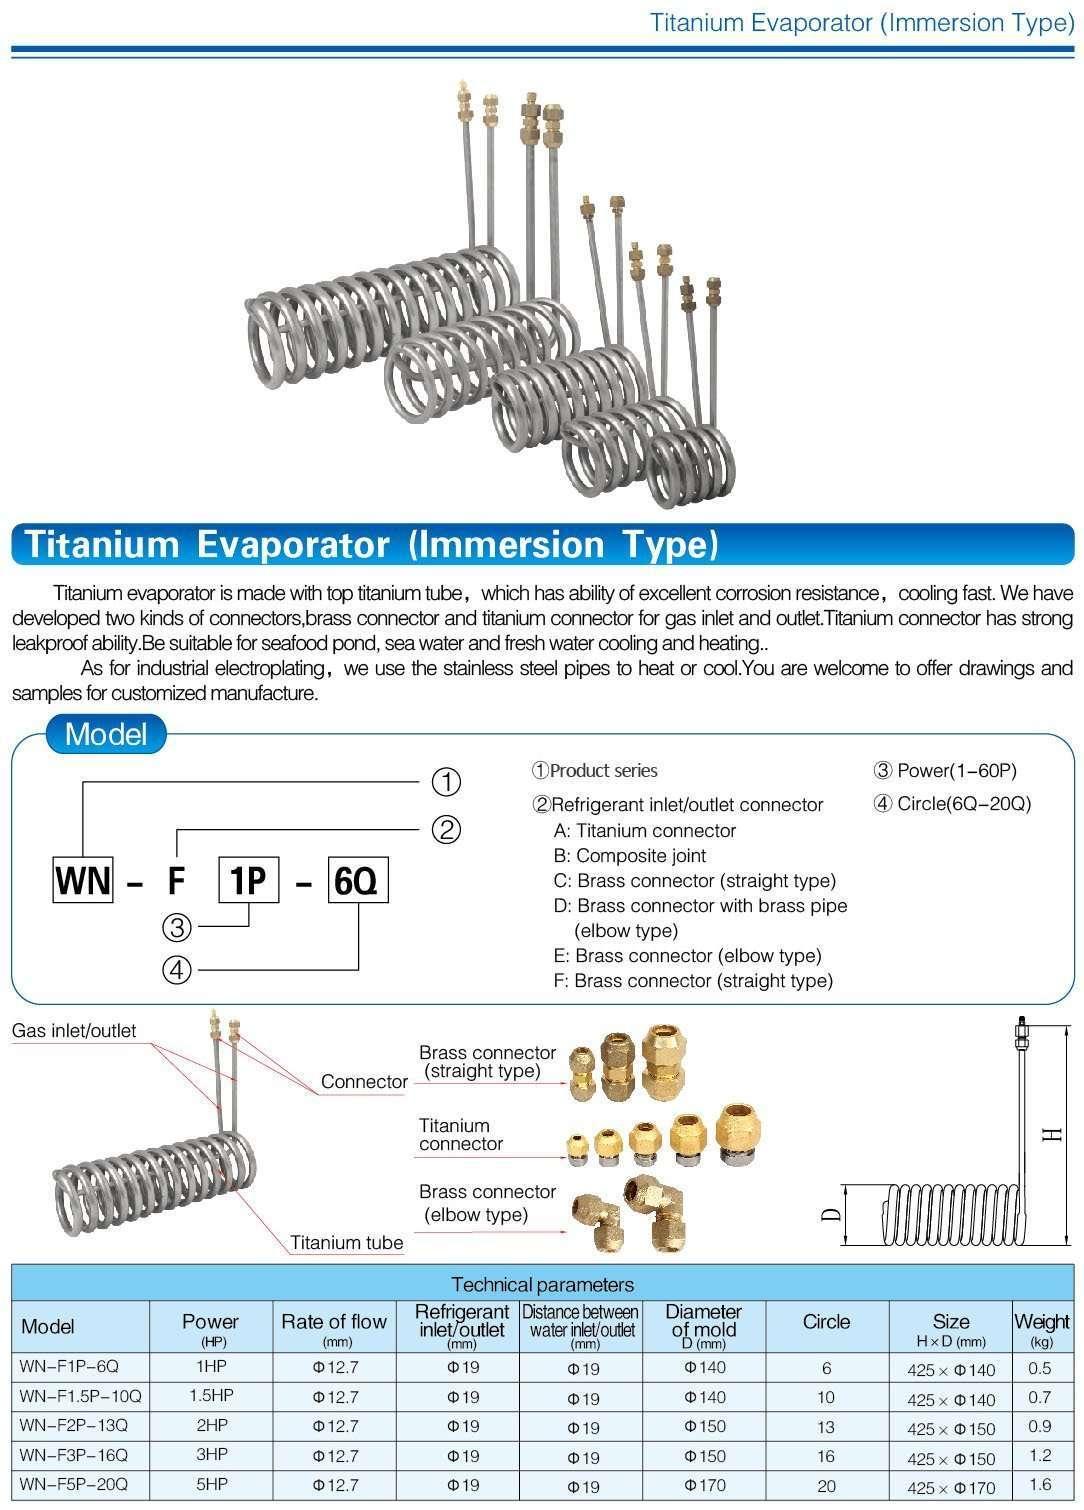 titanium coil evaporator immersion type